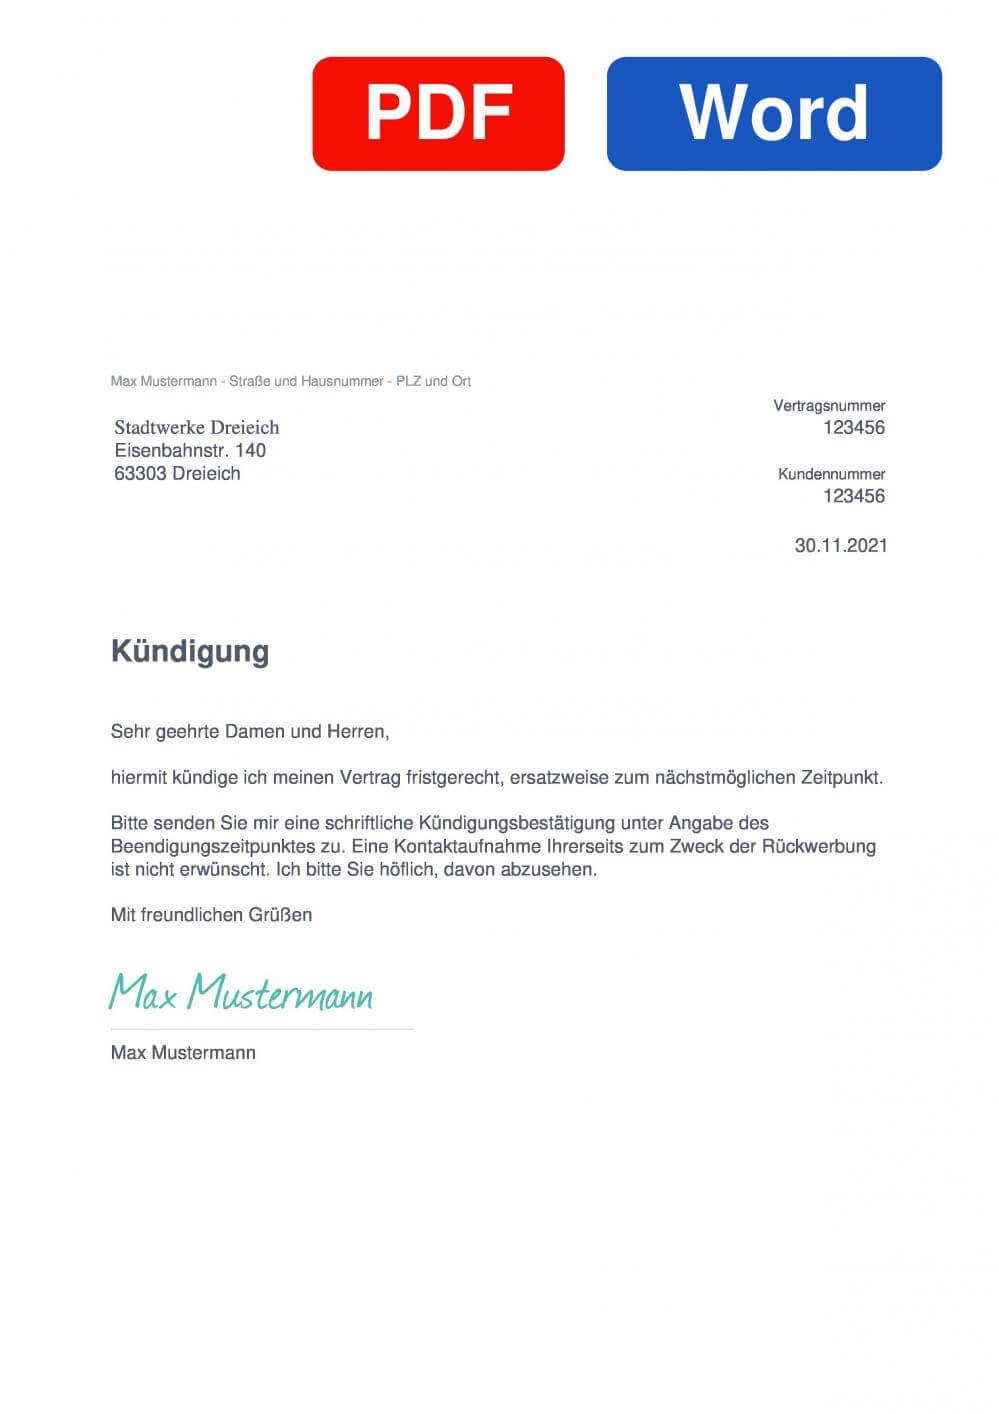 Stadtwerke Dreieich Muster Vorlage für Kündigungsschreiben